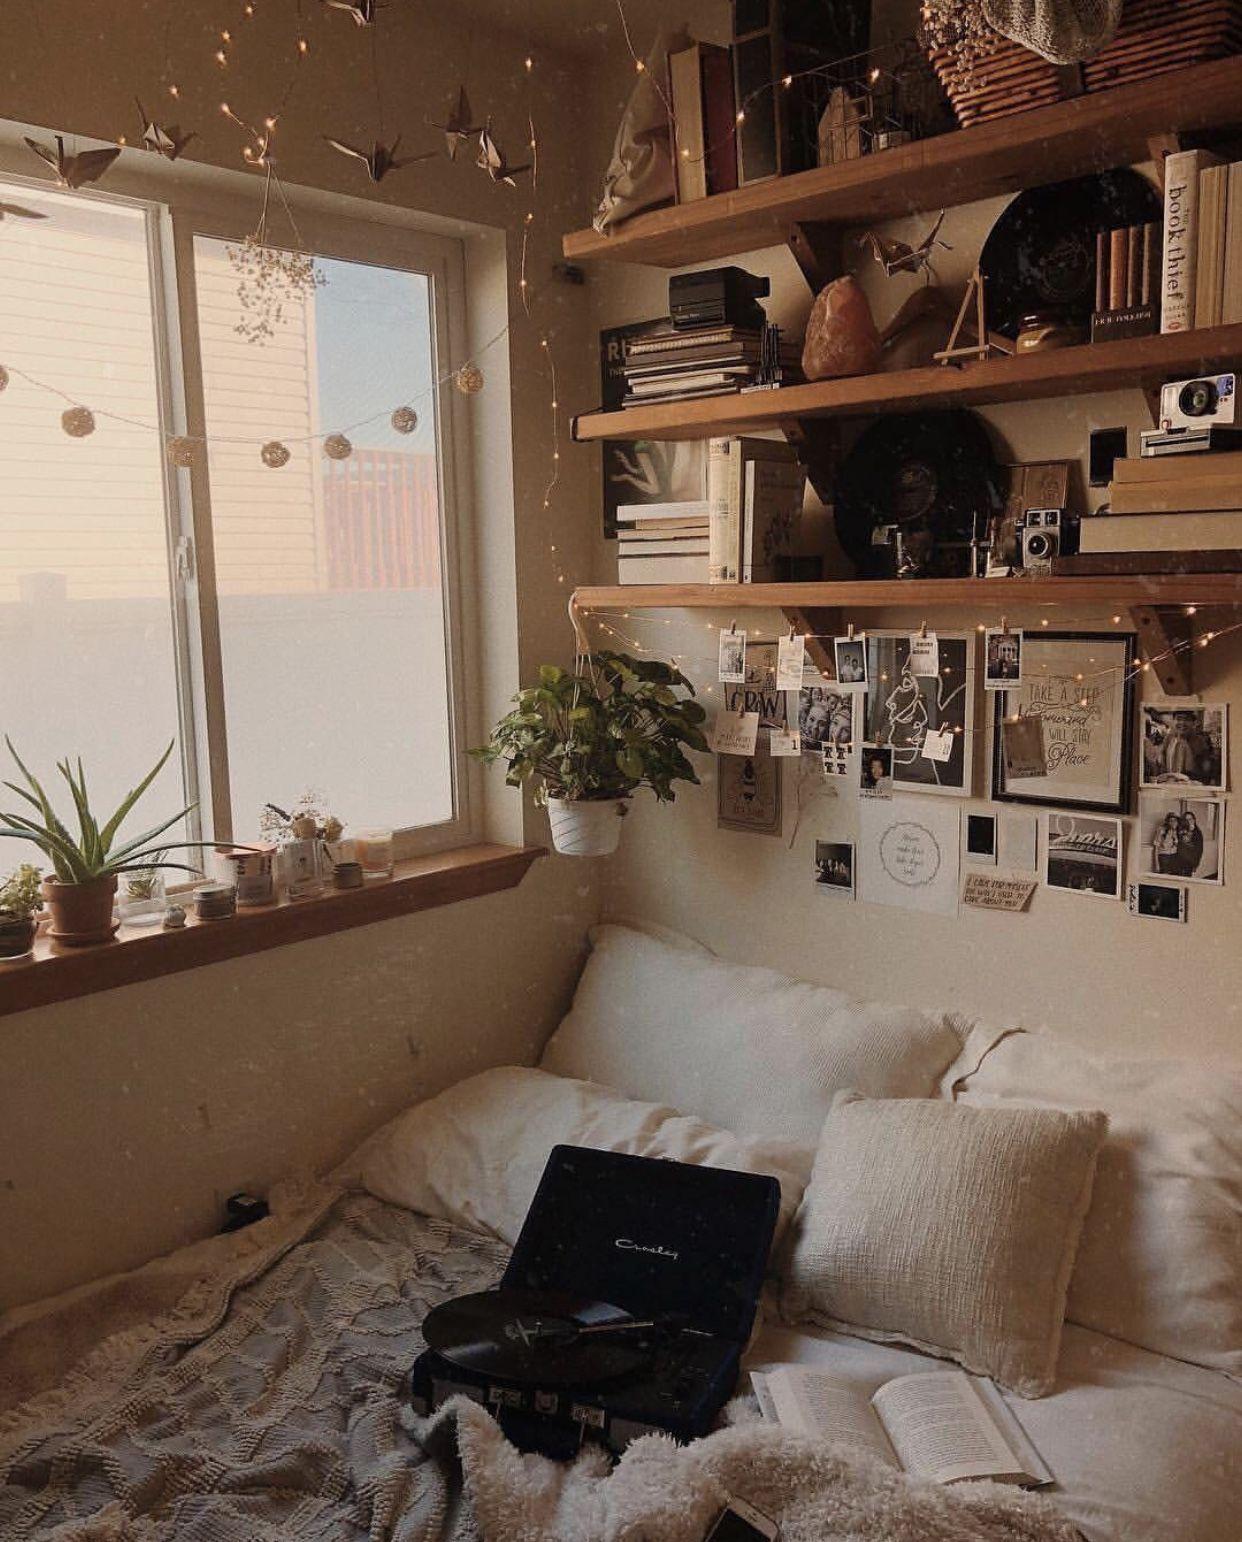 Pin Di Leeann Mazzei Su Home Idee Arredamento Camera Da Letto Idee Per La Stanza Da Letto Idee Camera Da Letto